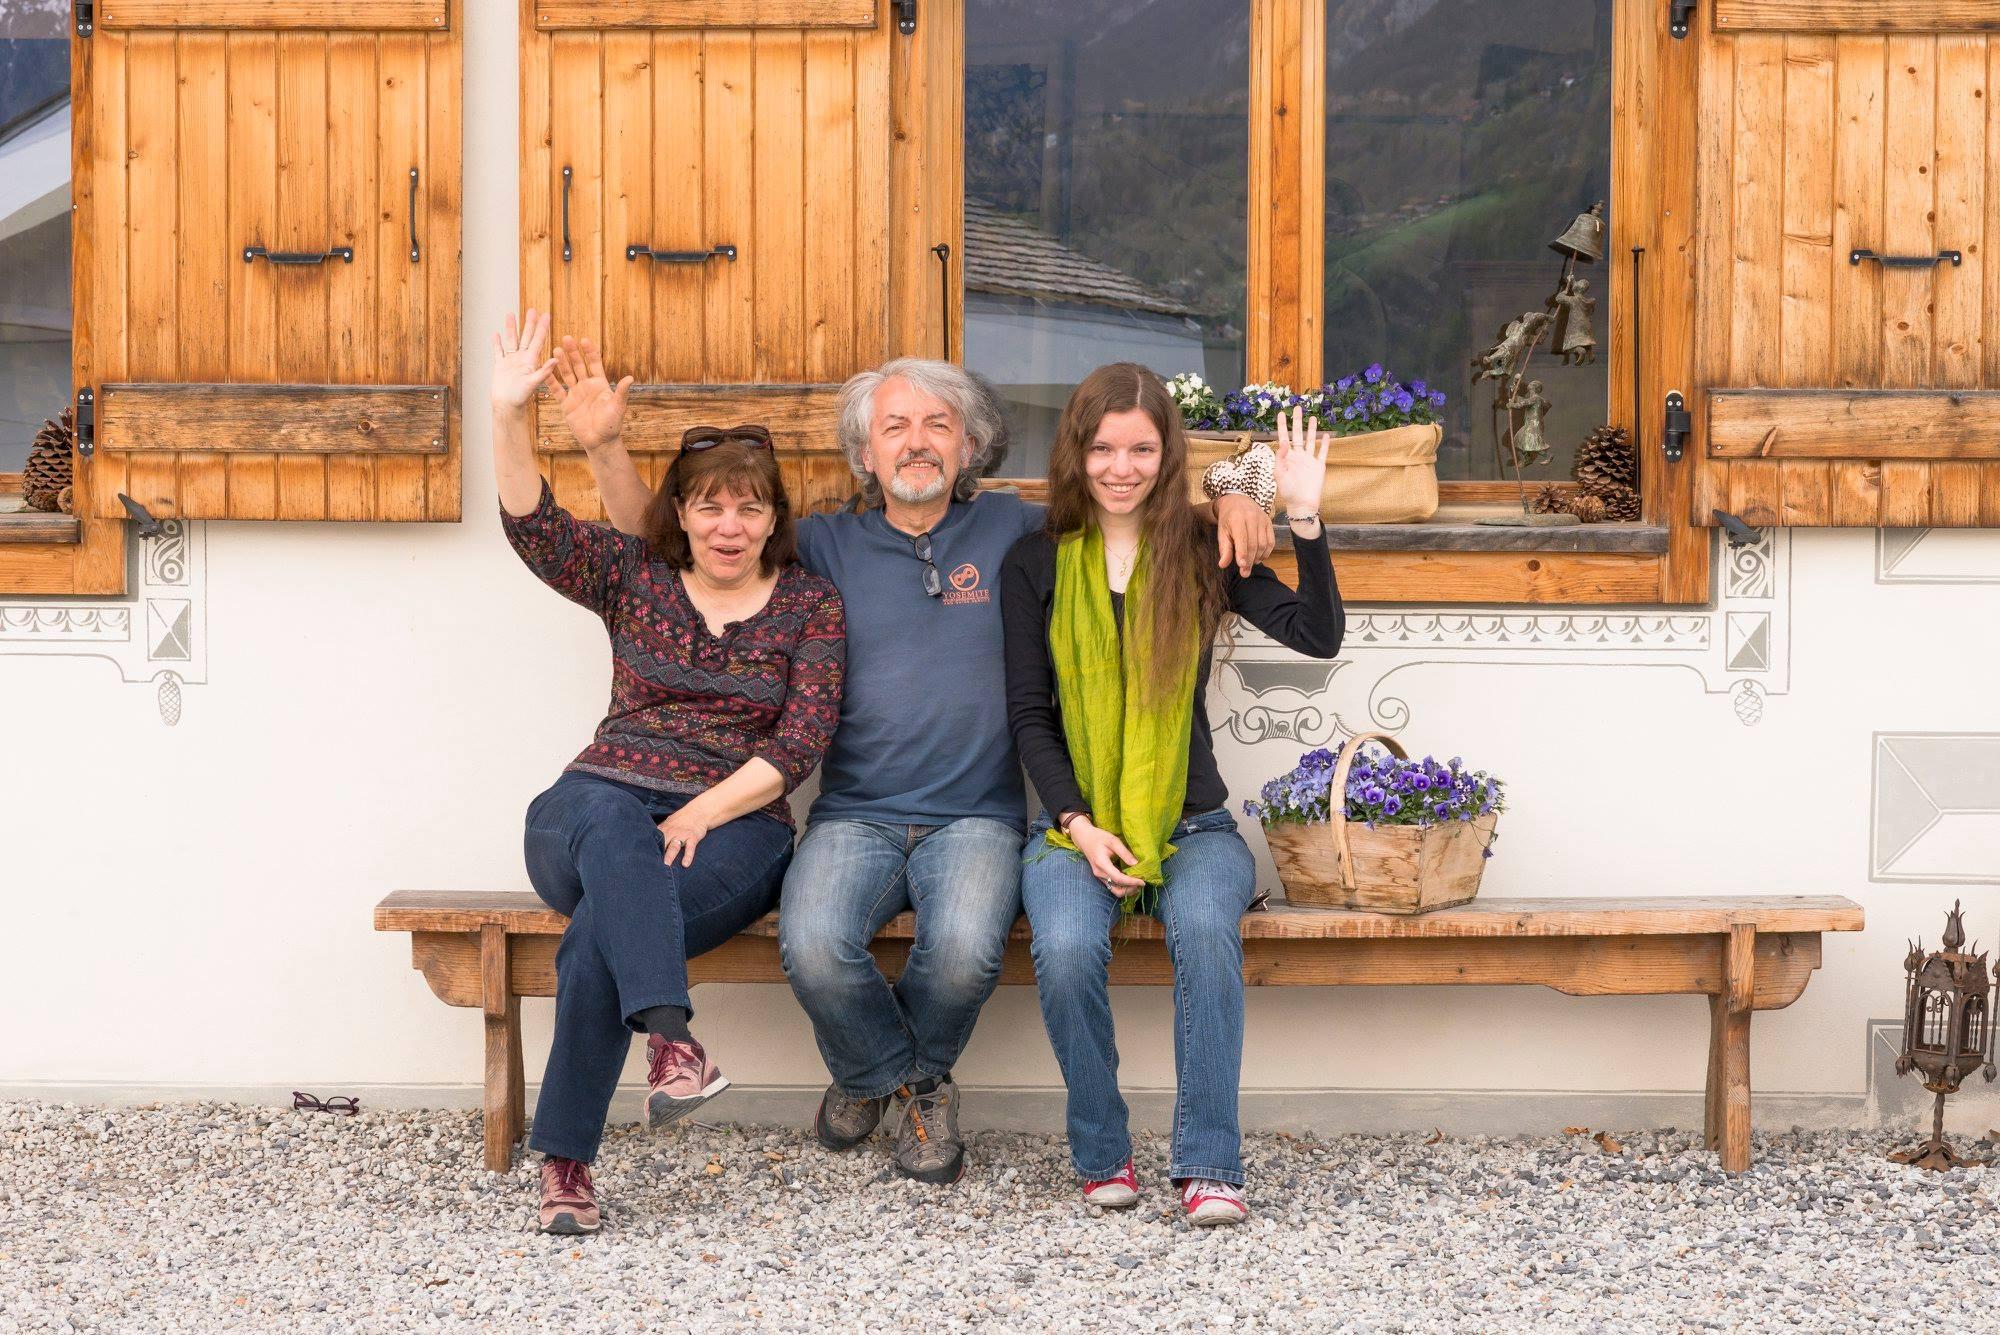 Pascal, Pascal, and Colleen Amblard